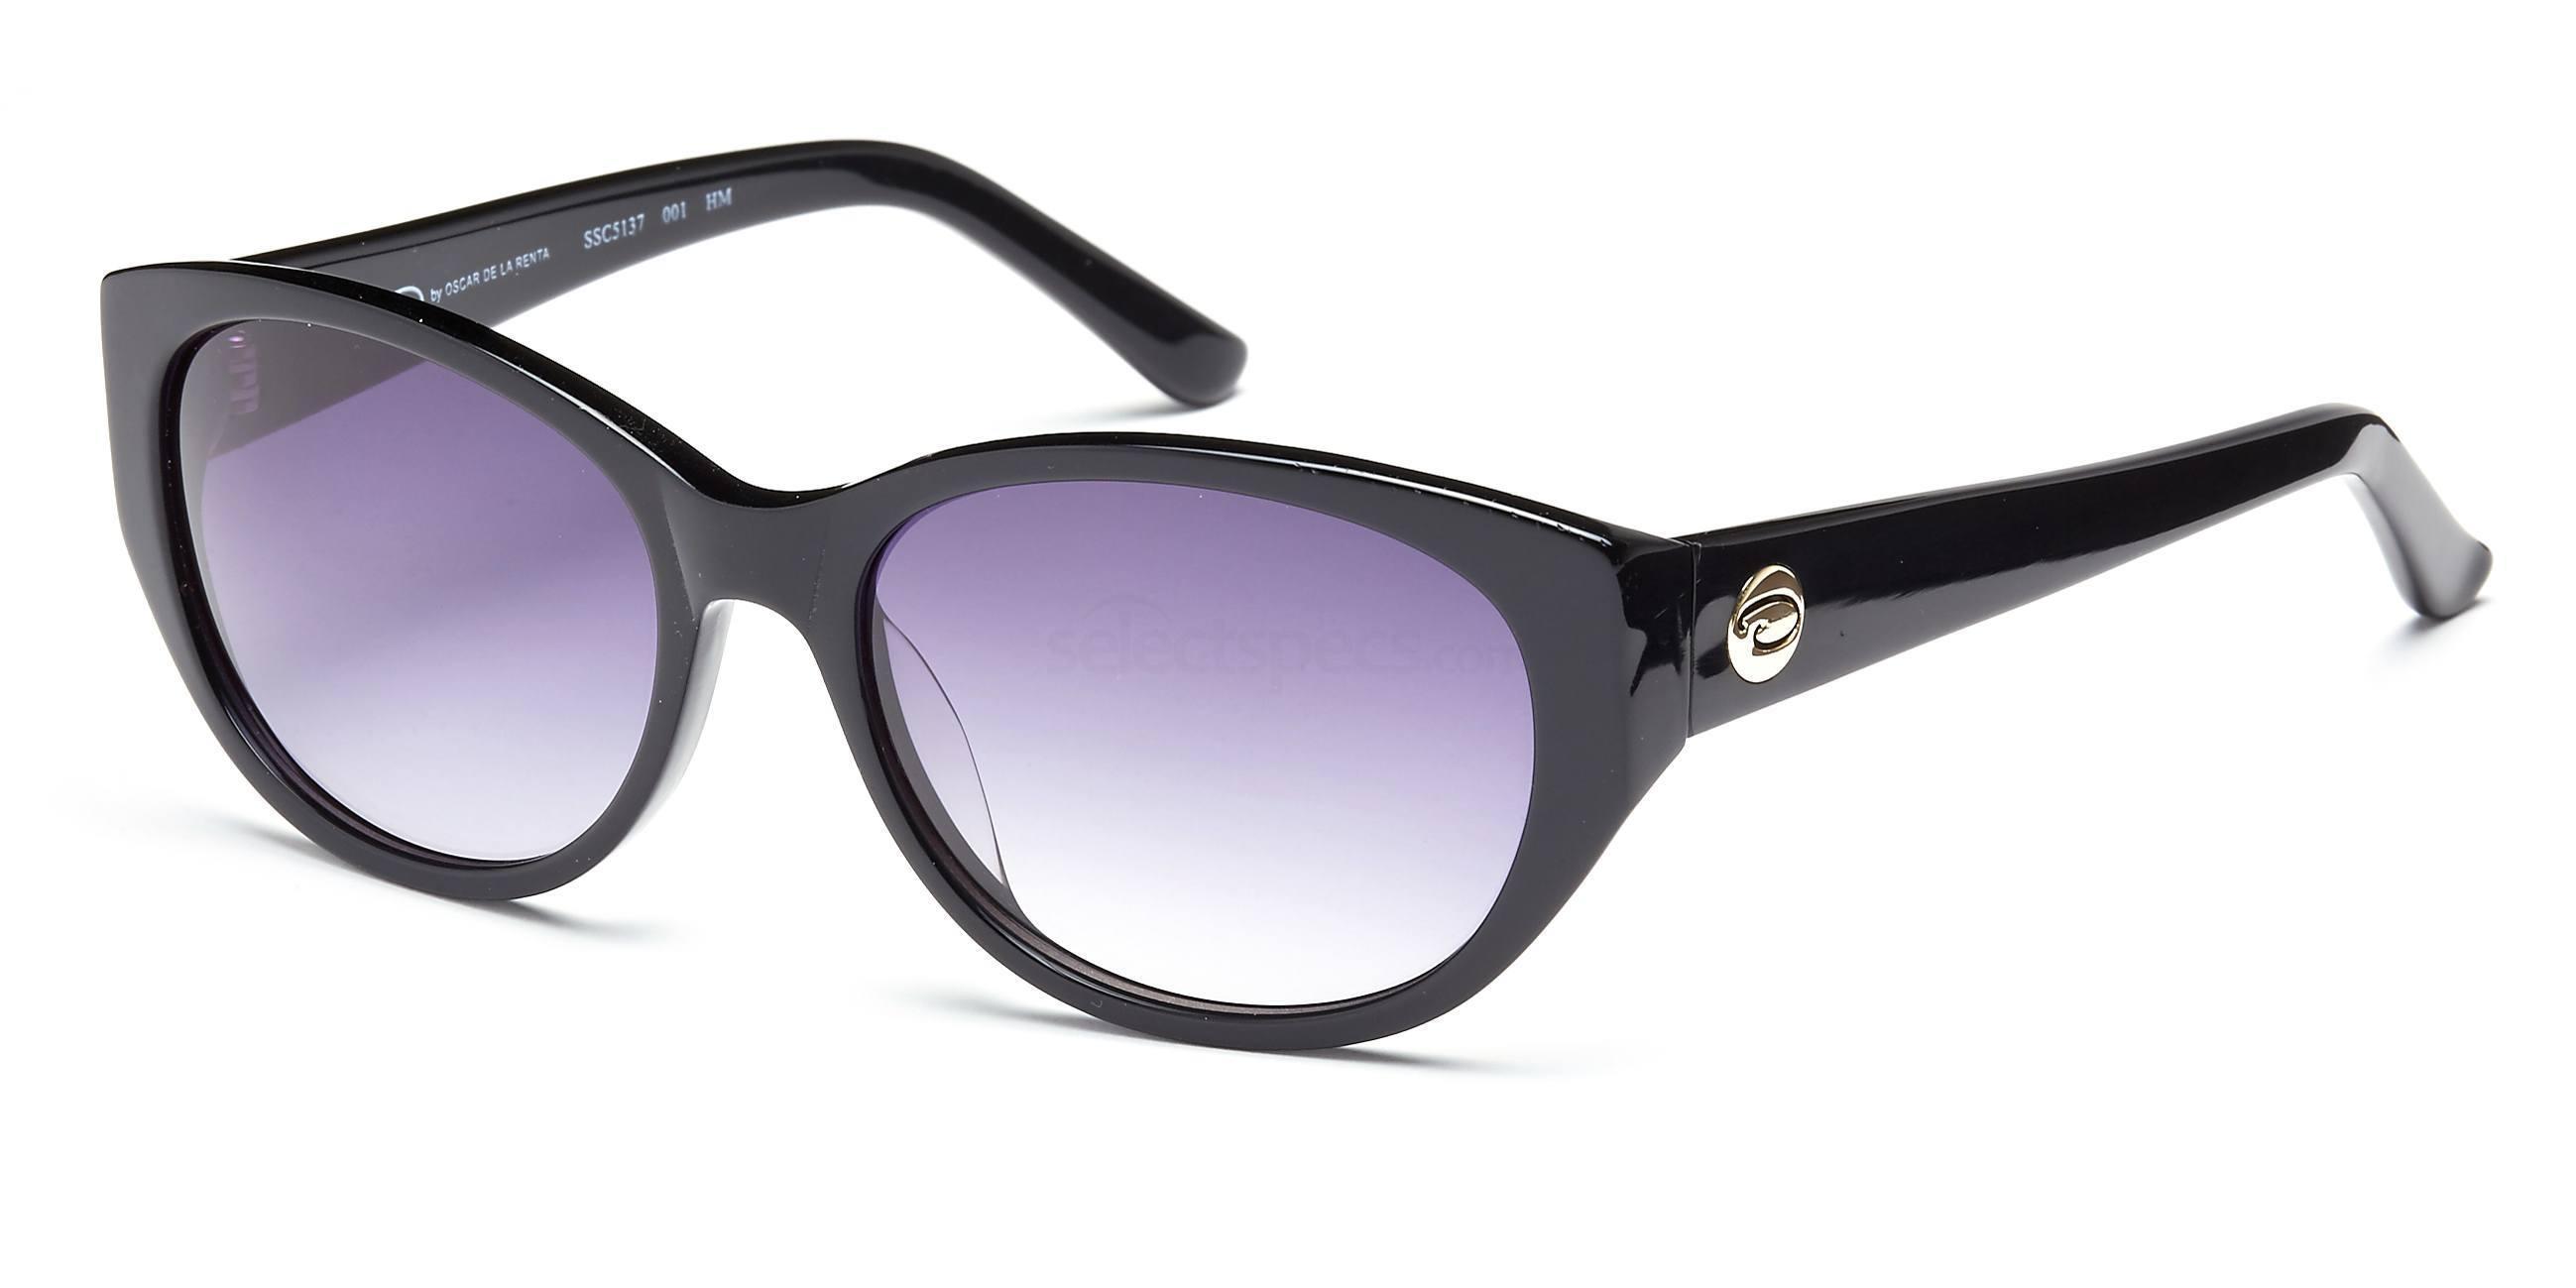 C1 SSC5137 Sunglasses, Oscar De La Renta